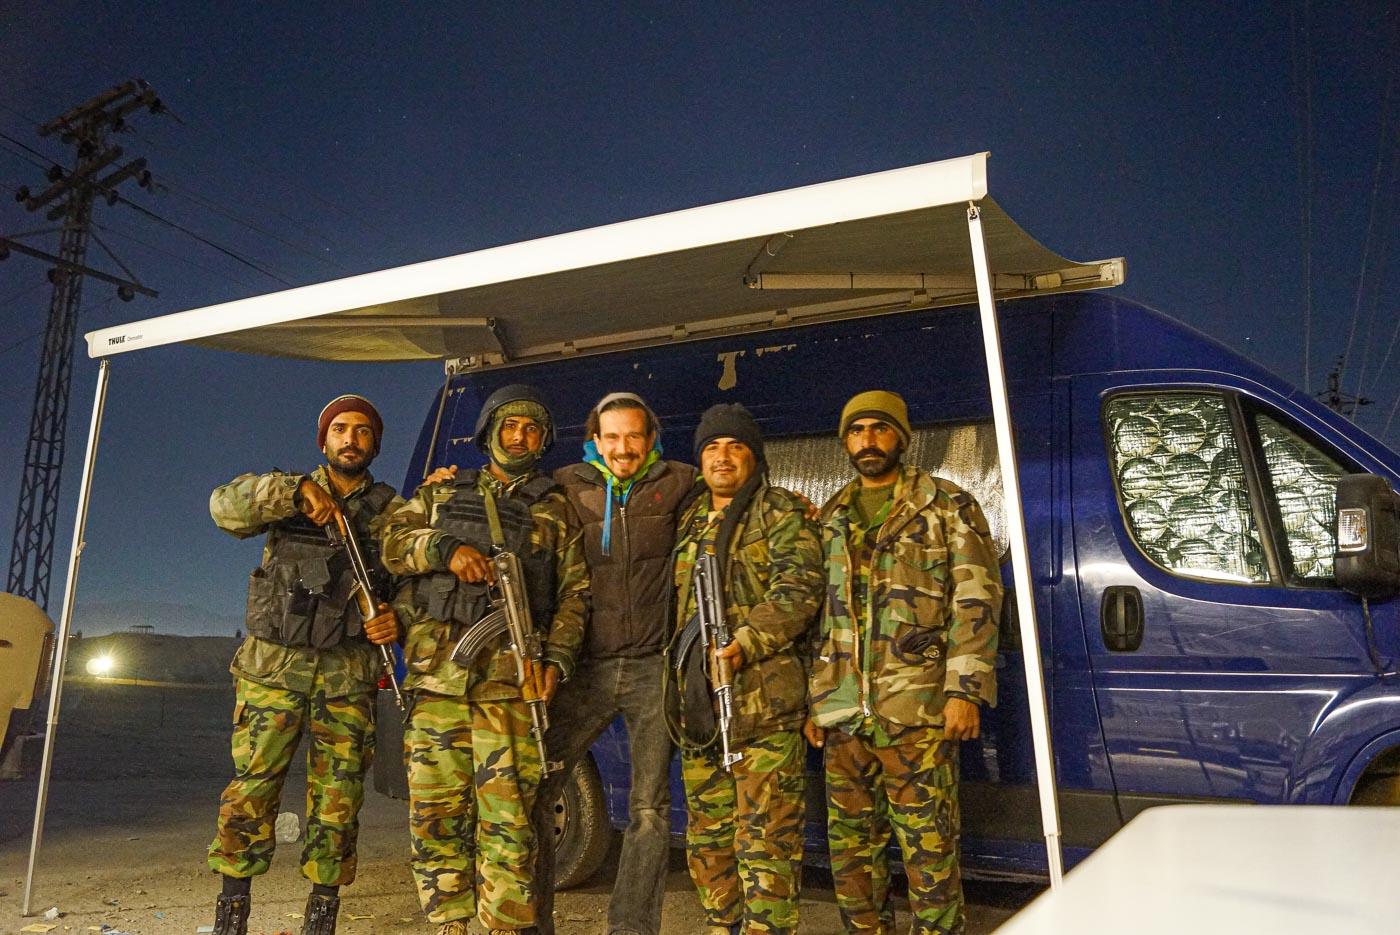 Zu sehen ist unser Bus mit ausgefahrener Markise darunter steht Paul mit vier schwerbewaffneten Soldaten und lächelt in die Kamera.